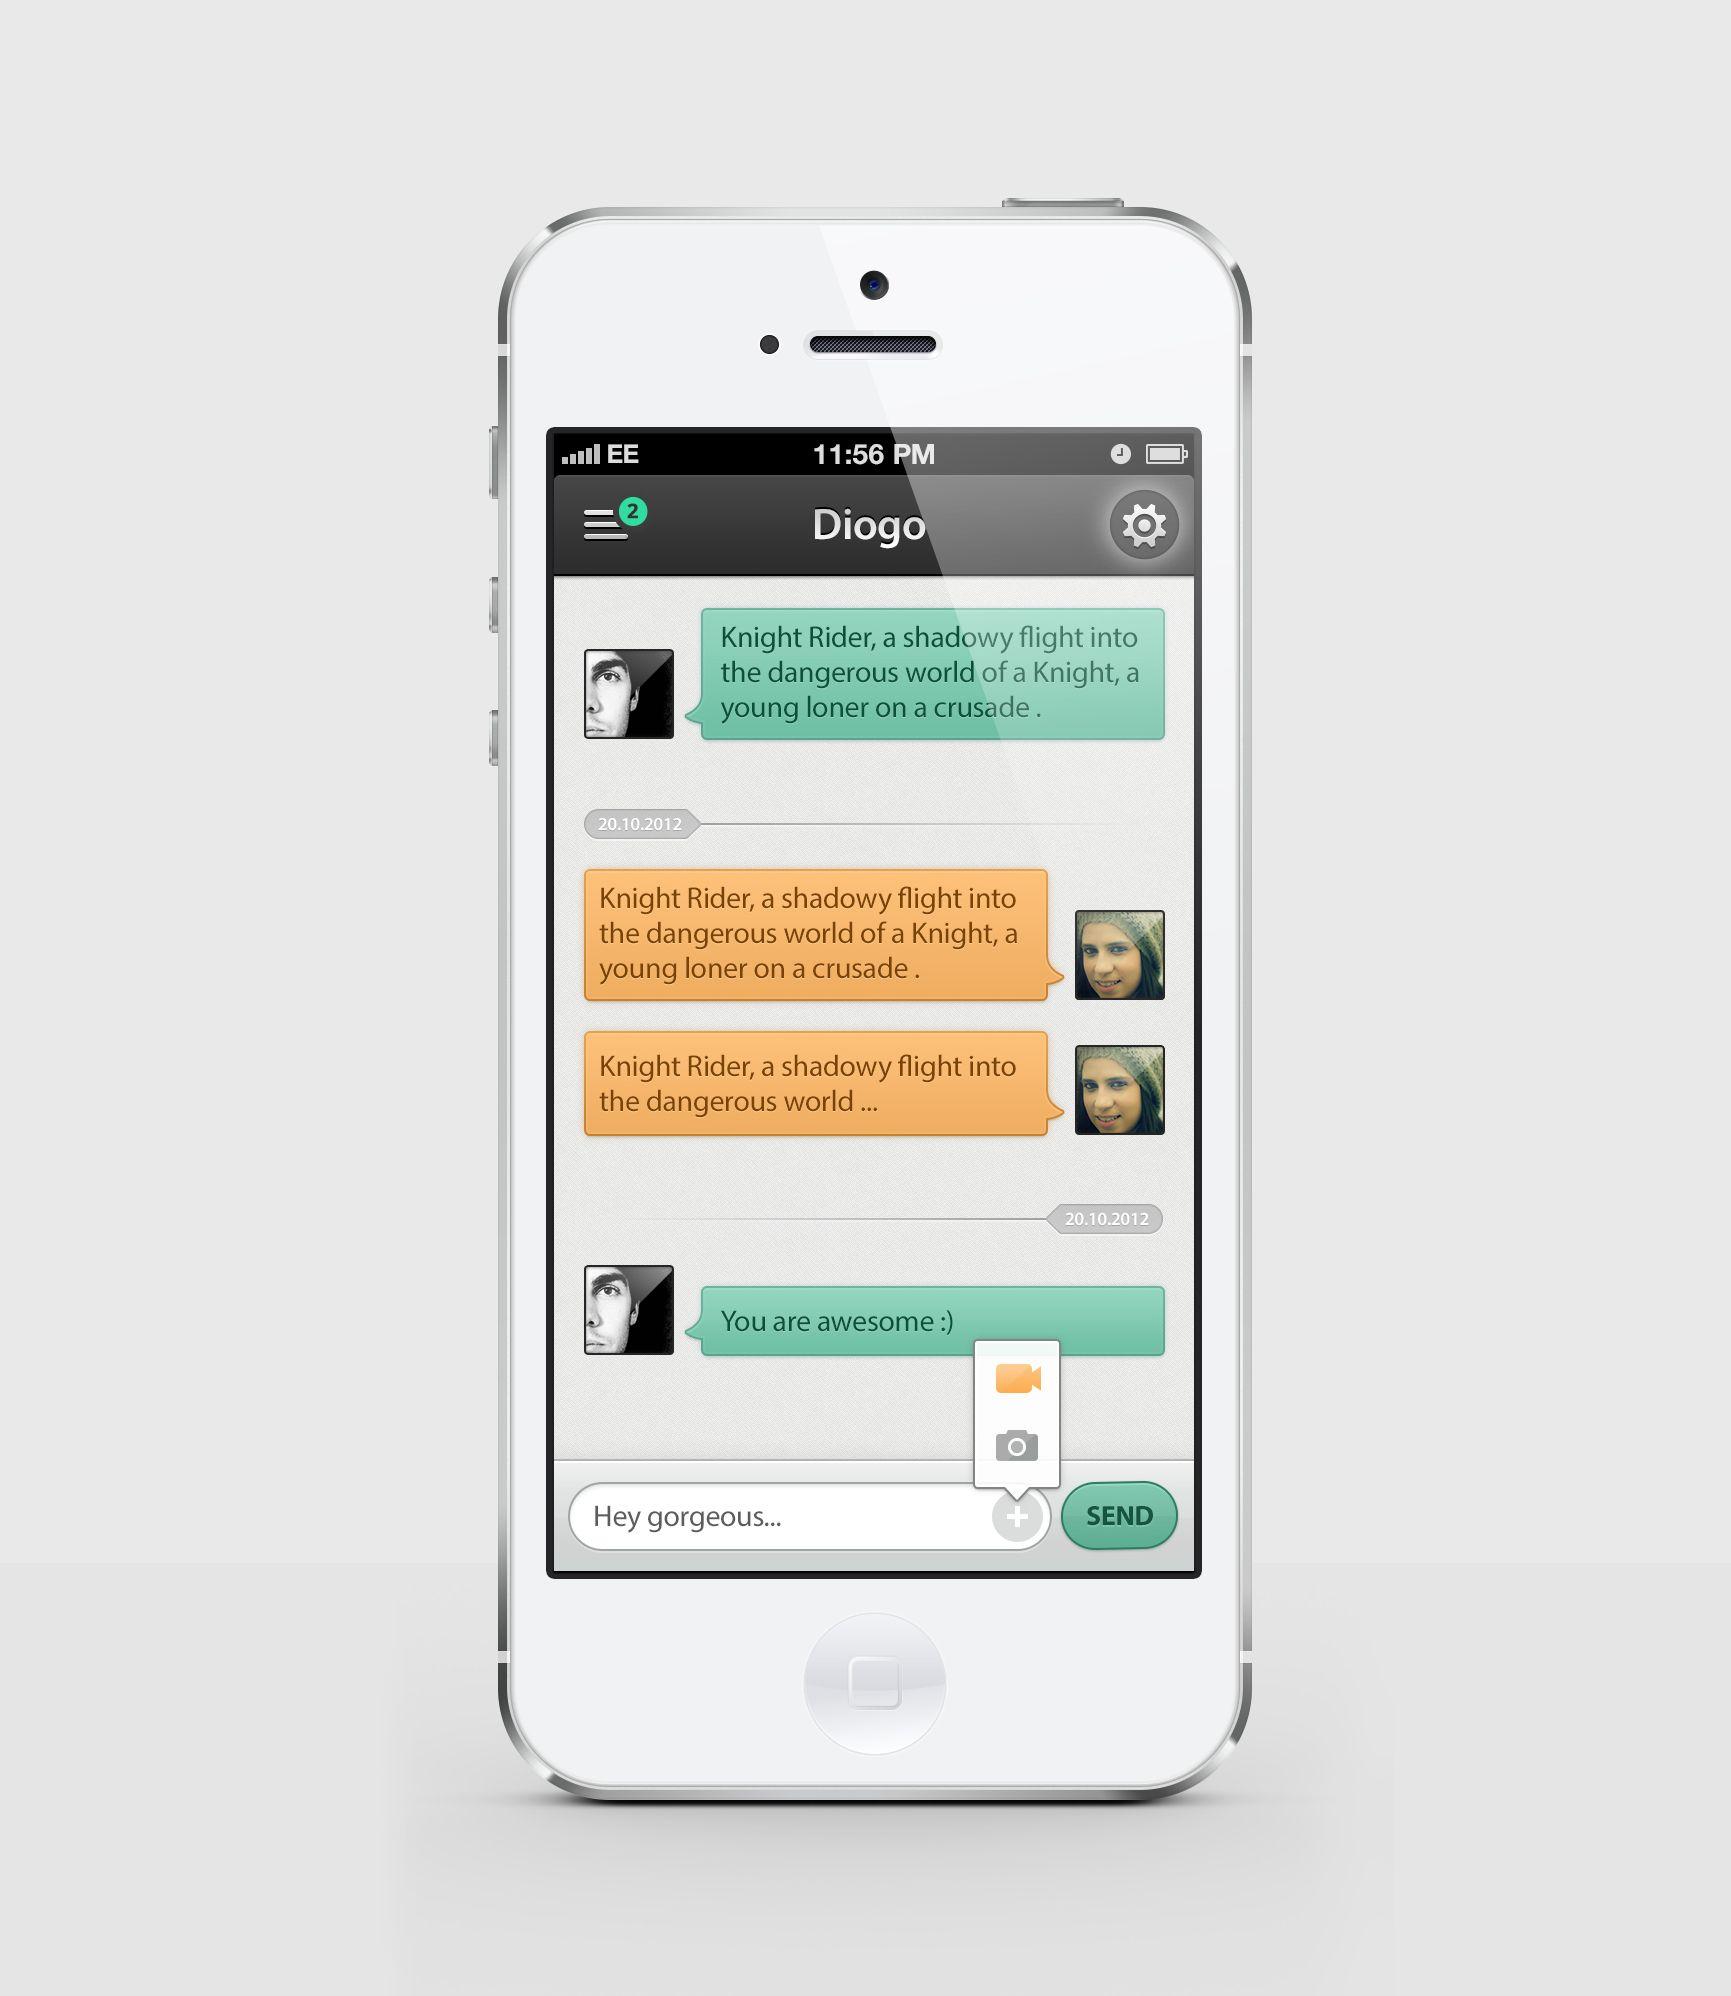 ป กพ นในบอร ด Ui Mobile User Interface User Experience